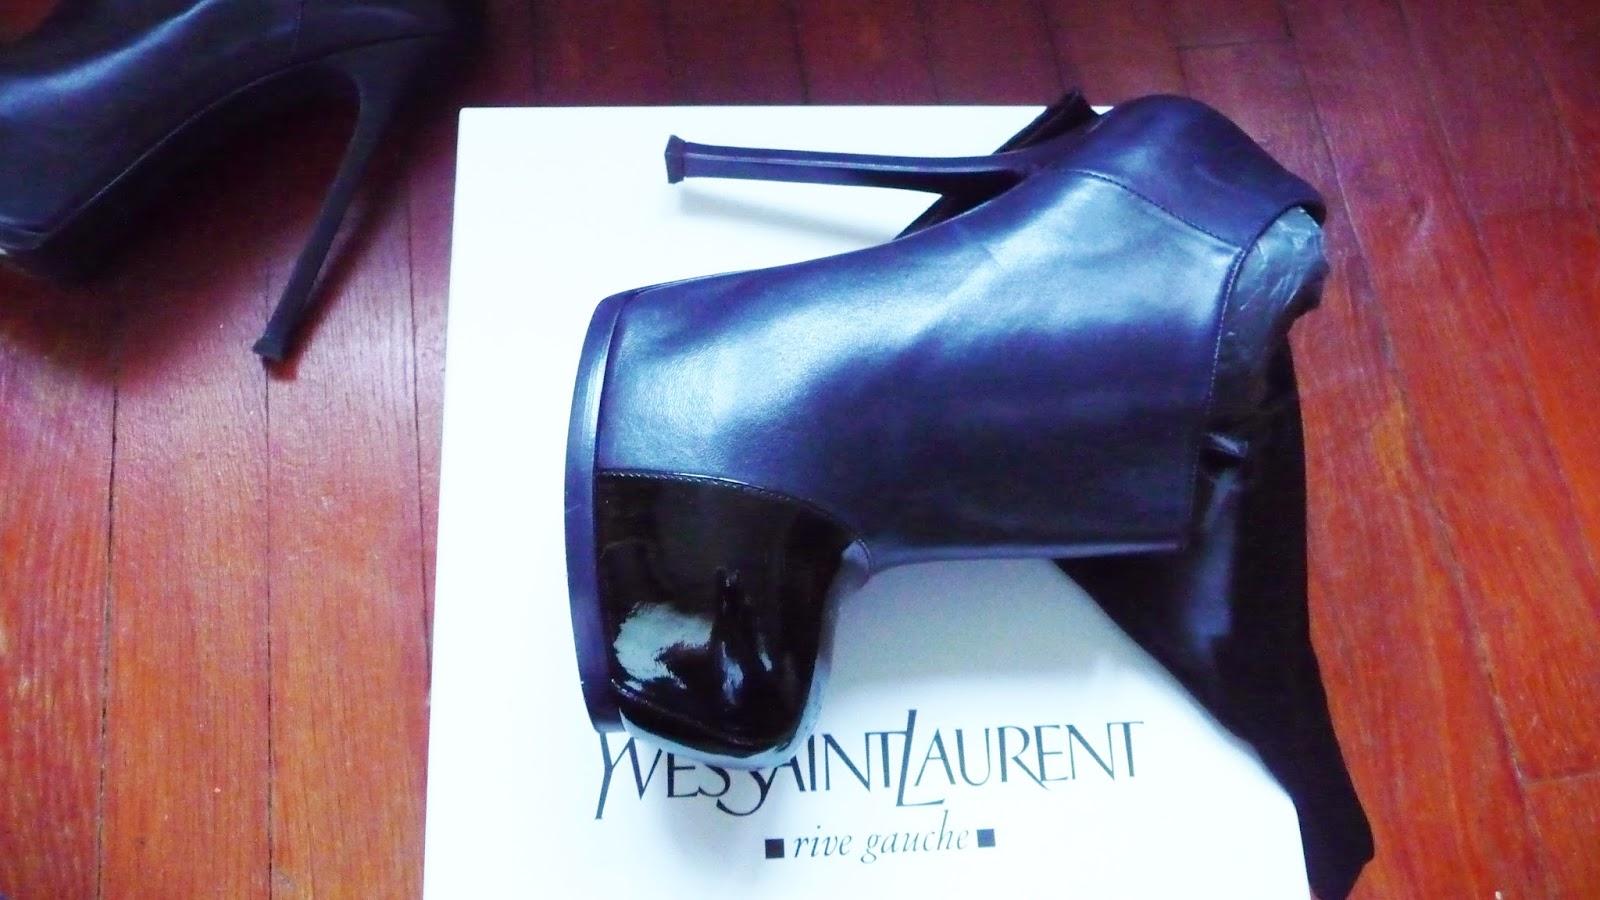 http://cgi.ebay.fr/ws/eBayISAPI.dll?ViewItem&item=301212083001&ssPageName=STRK:MESE:IT